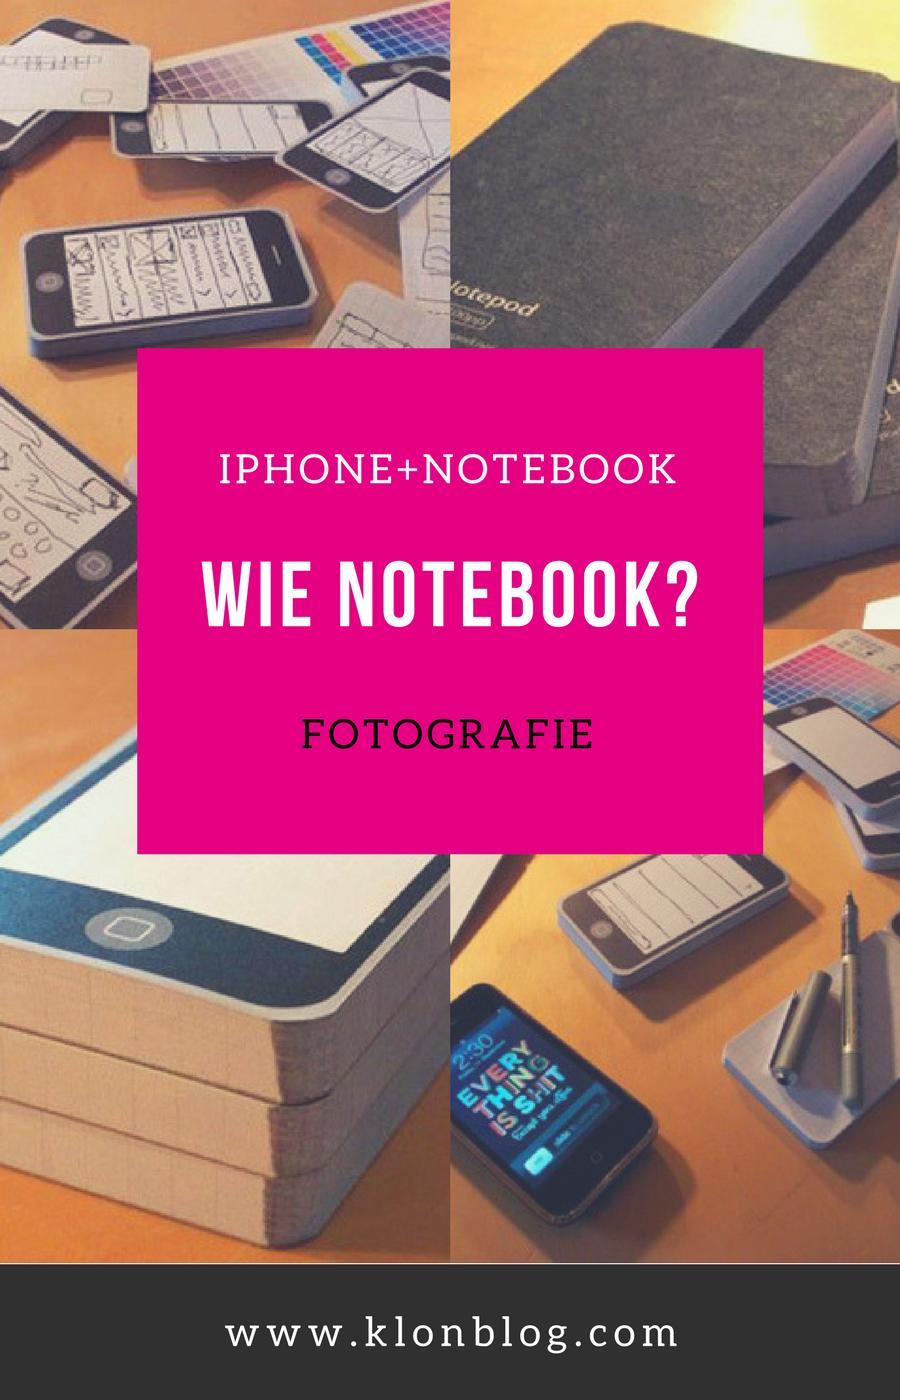 iPhone + Notebook = Notepod Eigentlich gedacht für